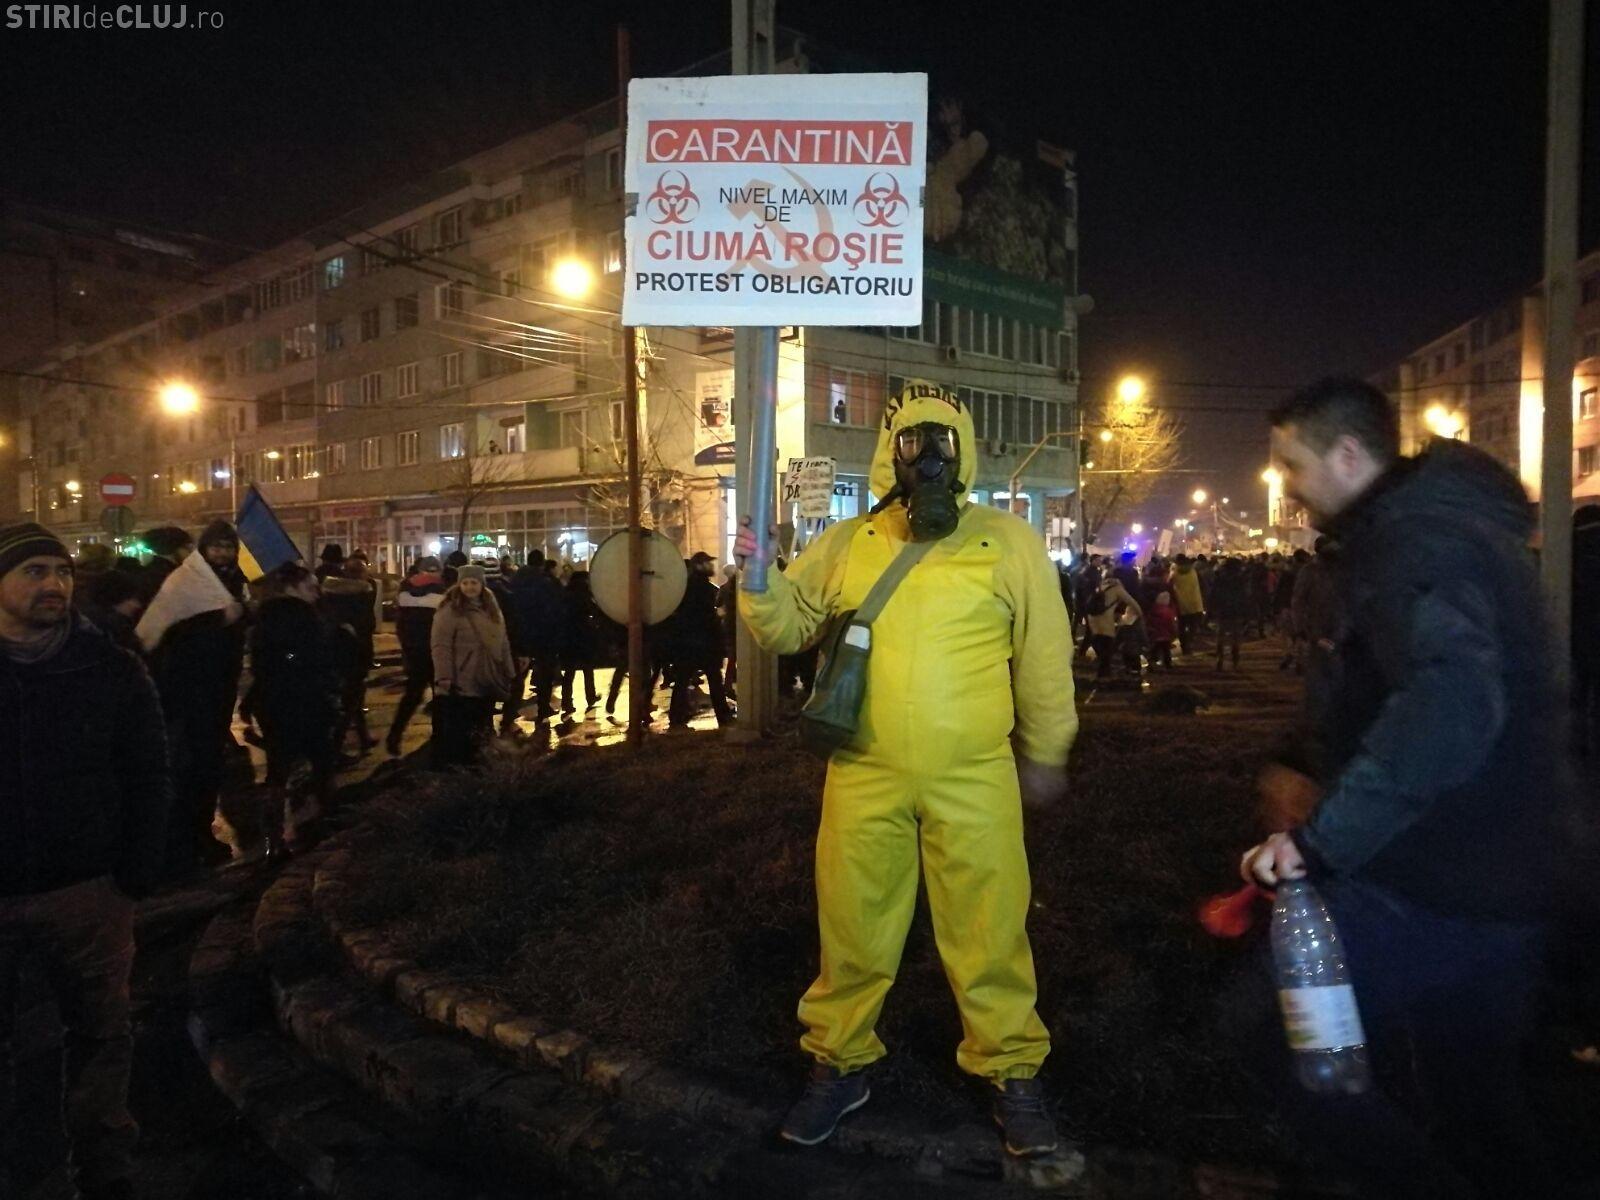 Imaginea zilei, de la protestul din Cluj: Carantină! FOTO